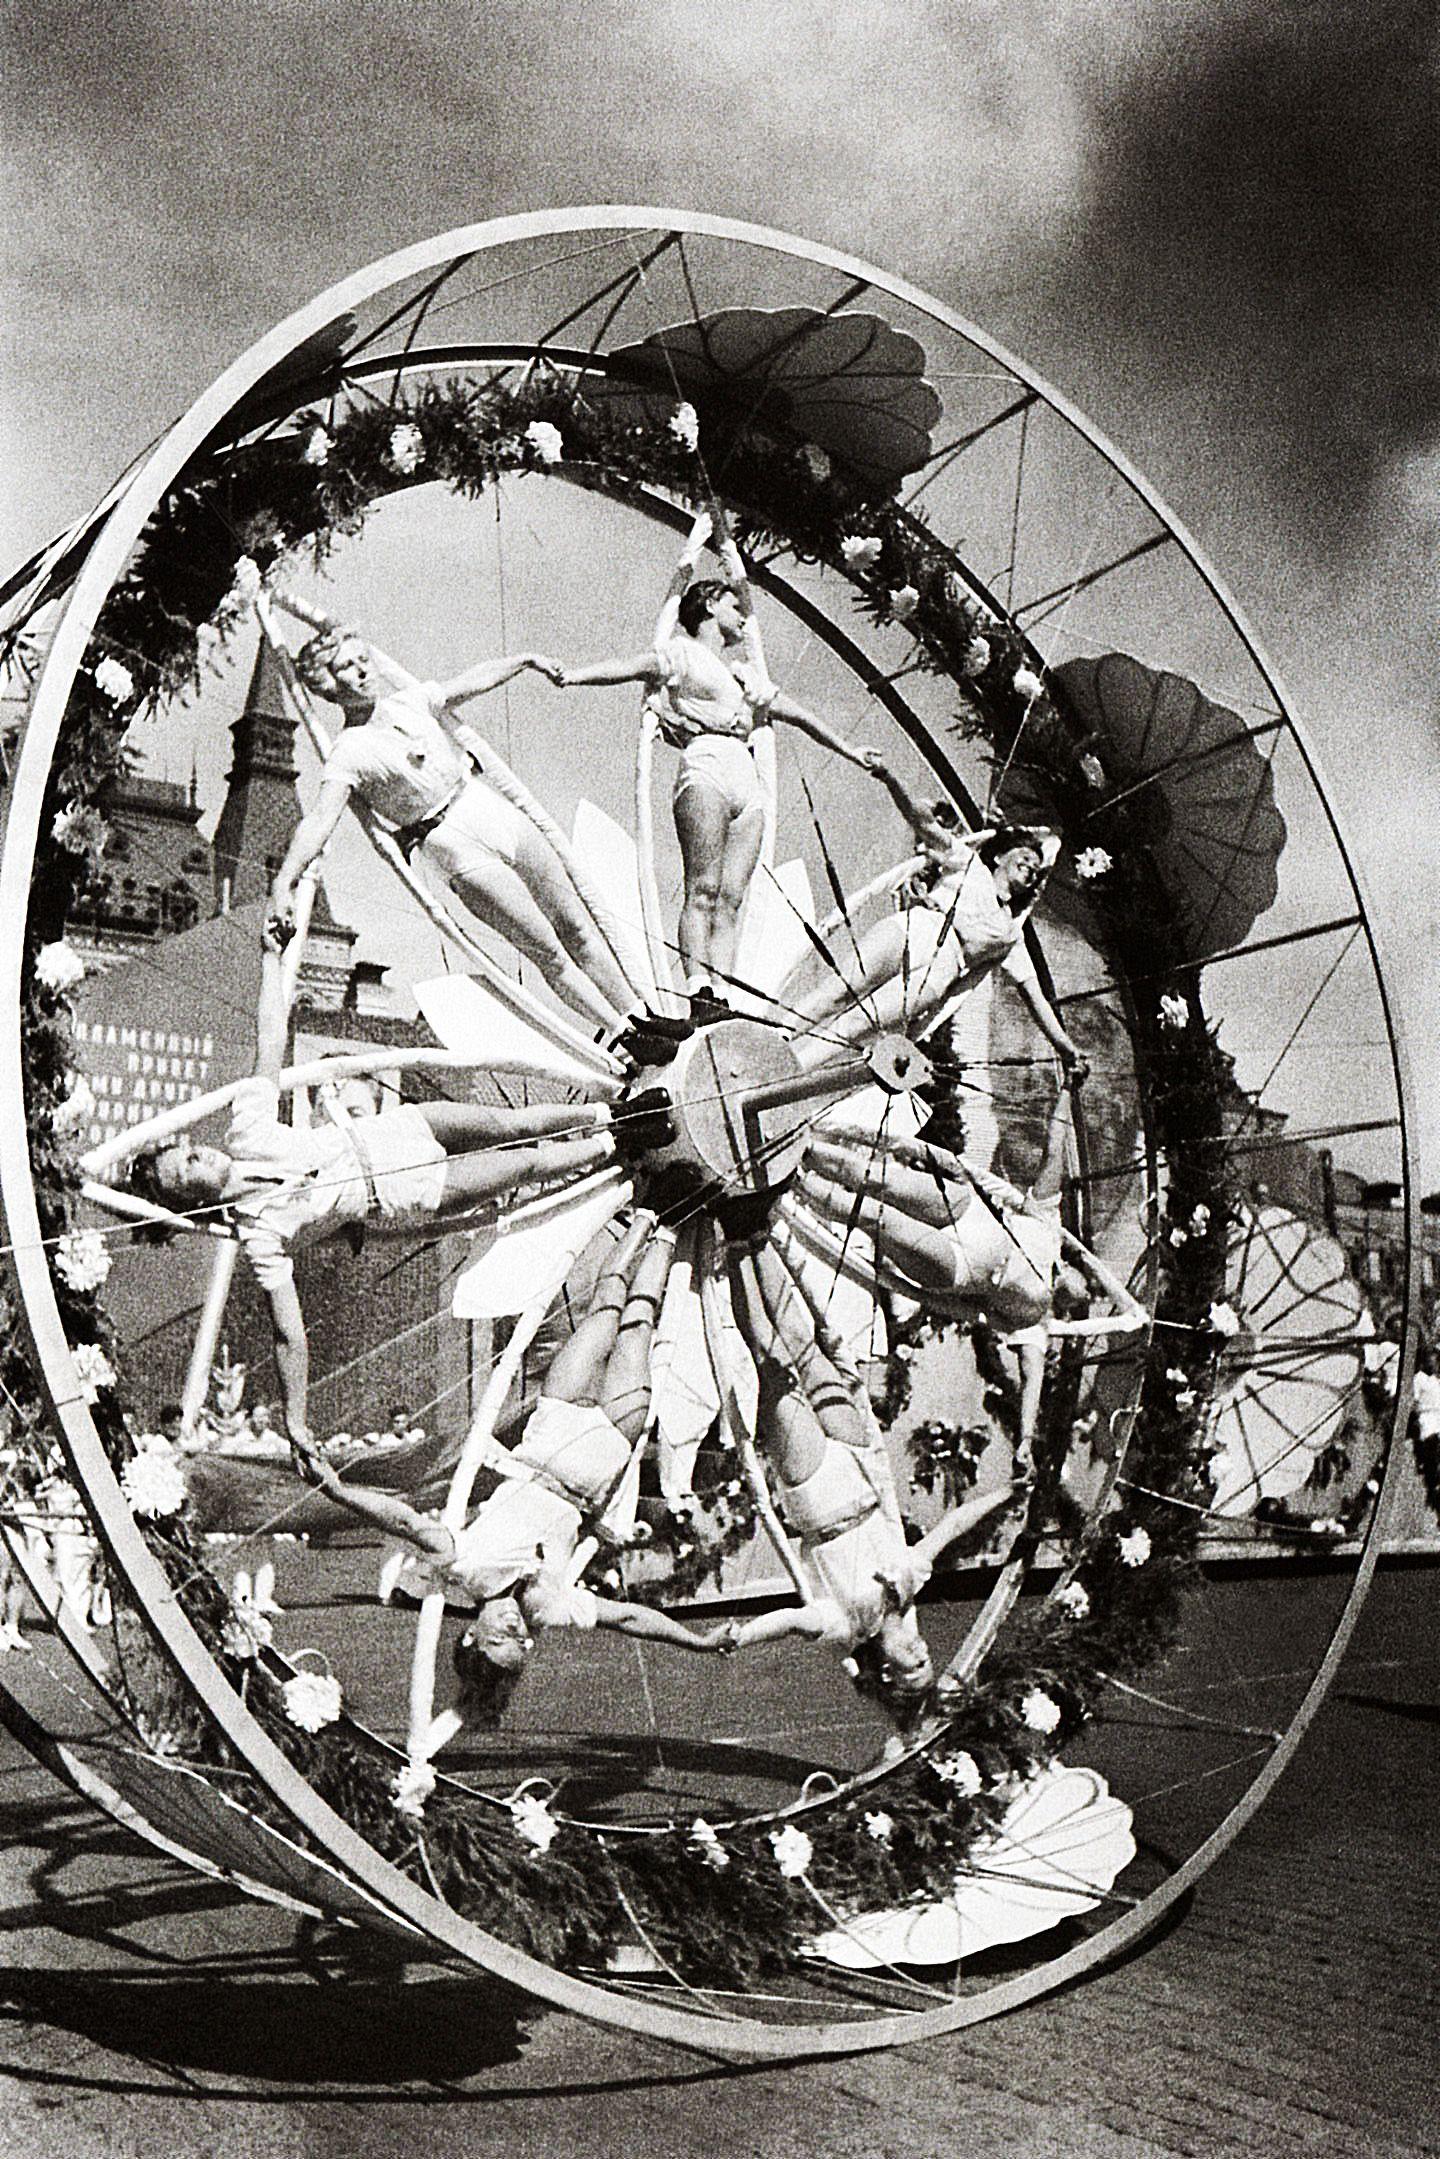 Колесо. 1936 г.